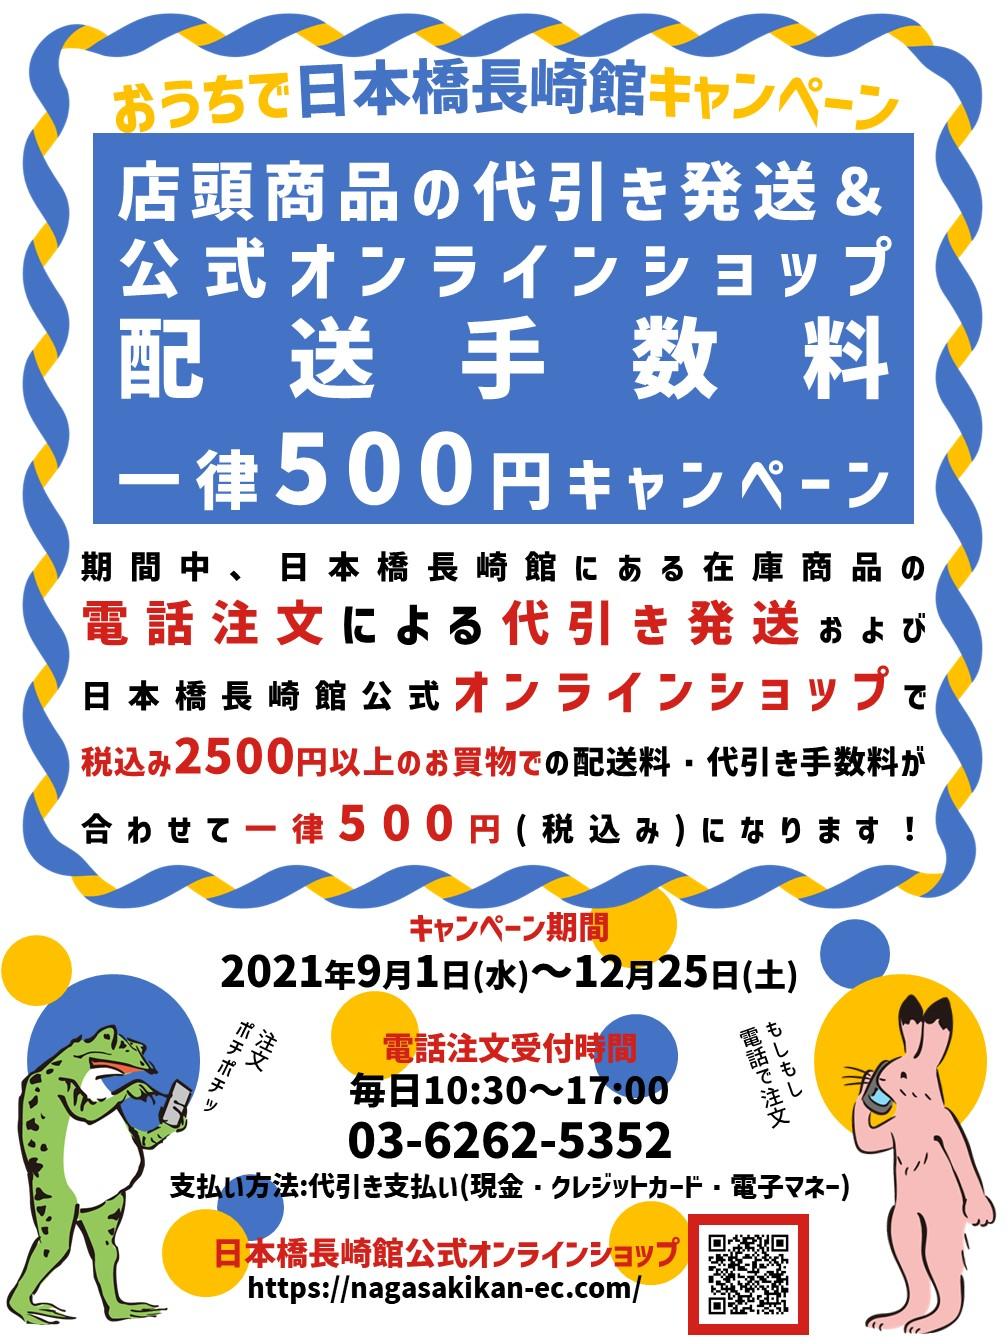 配送手数料一律500円キャンペーン!